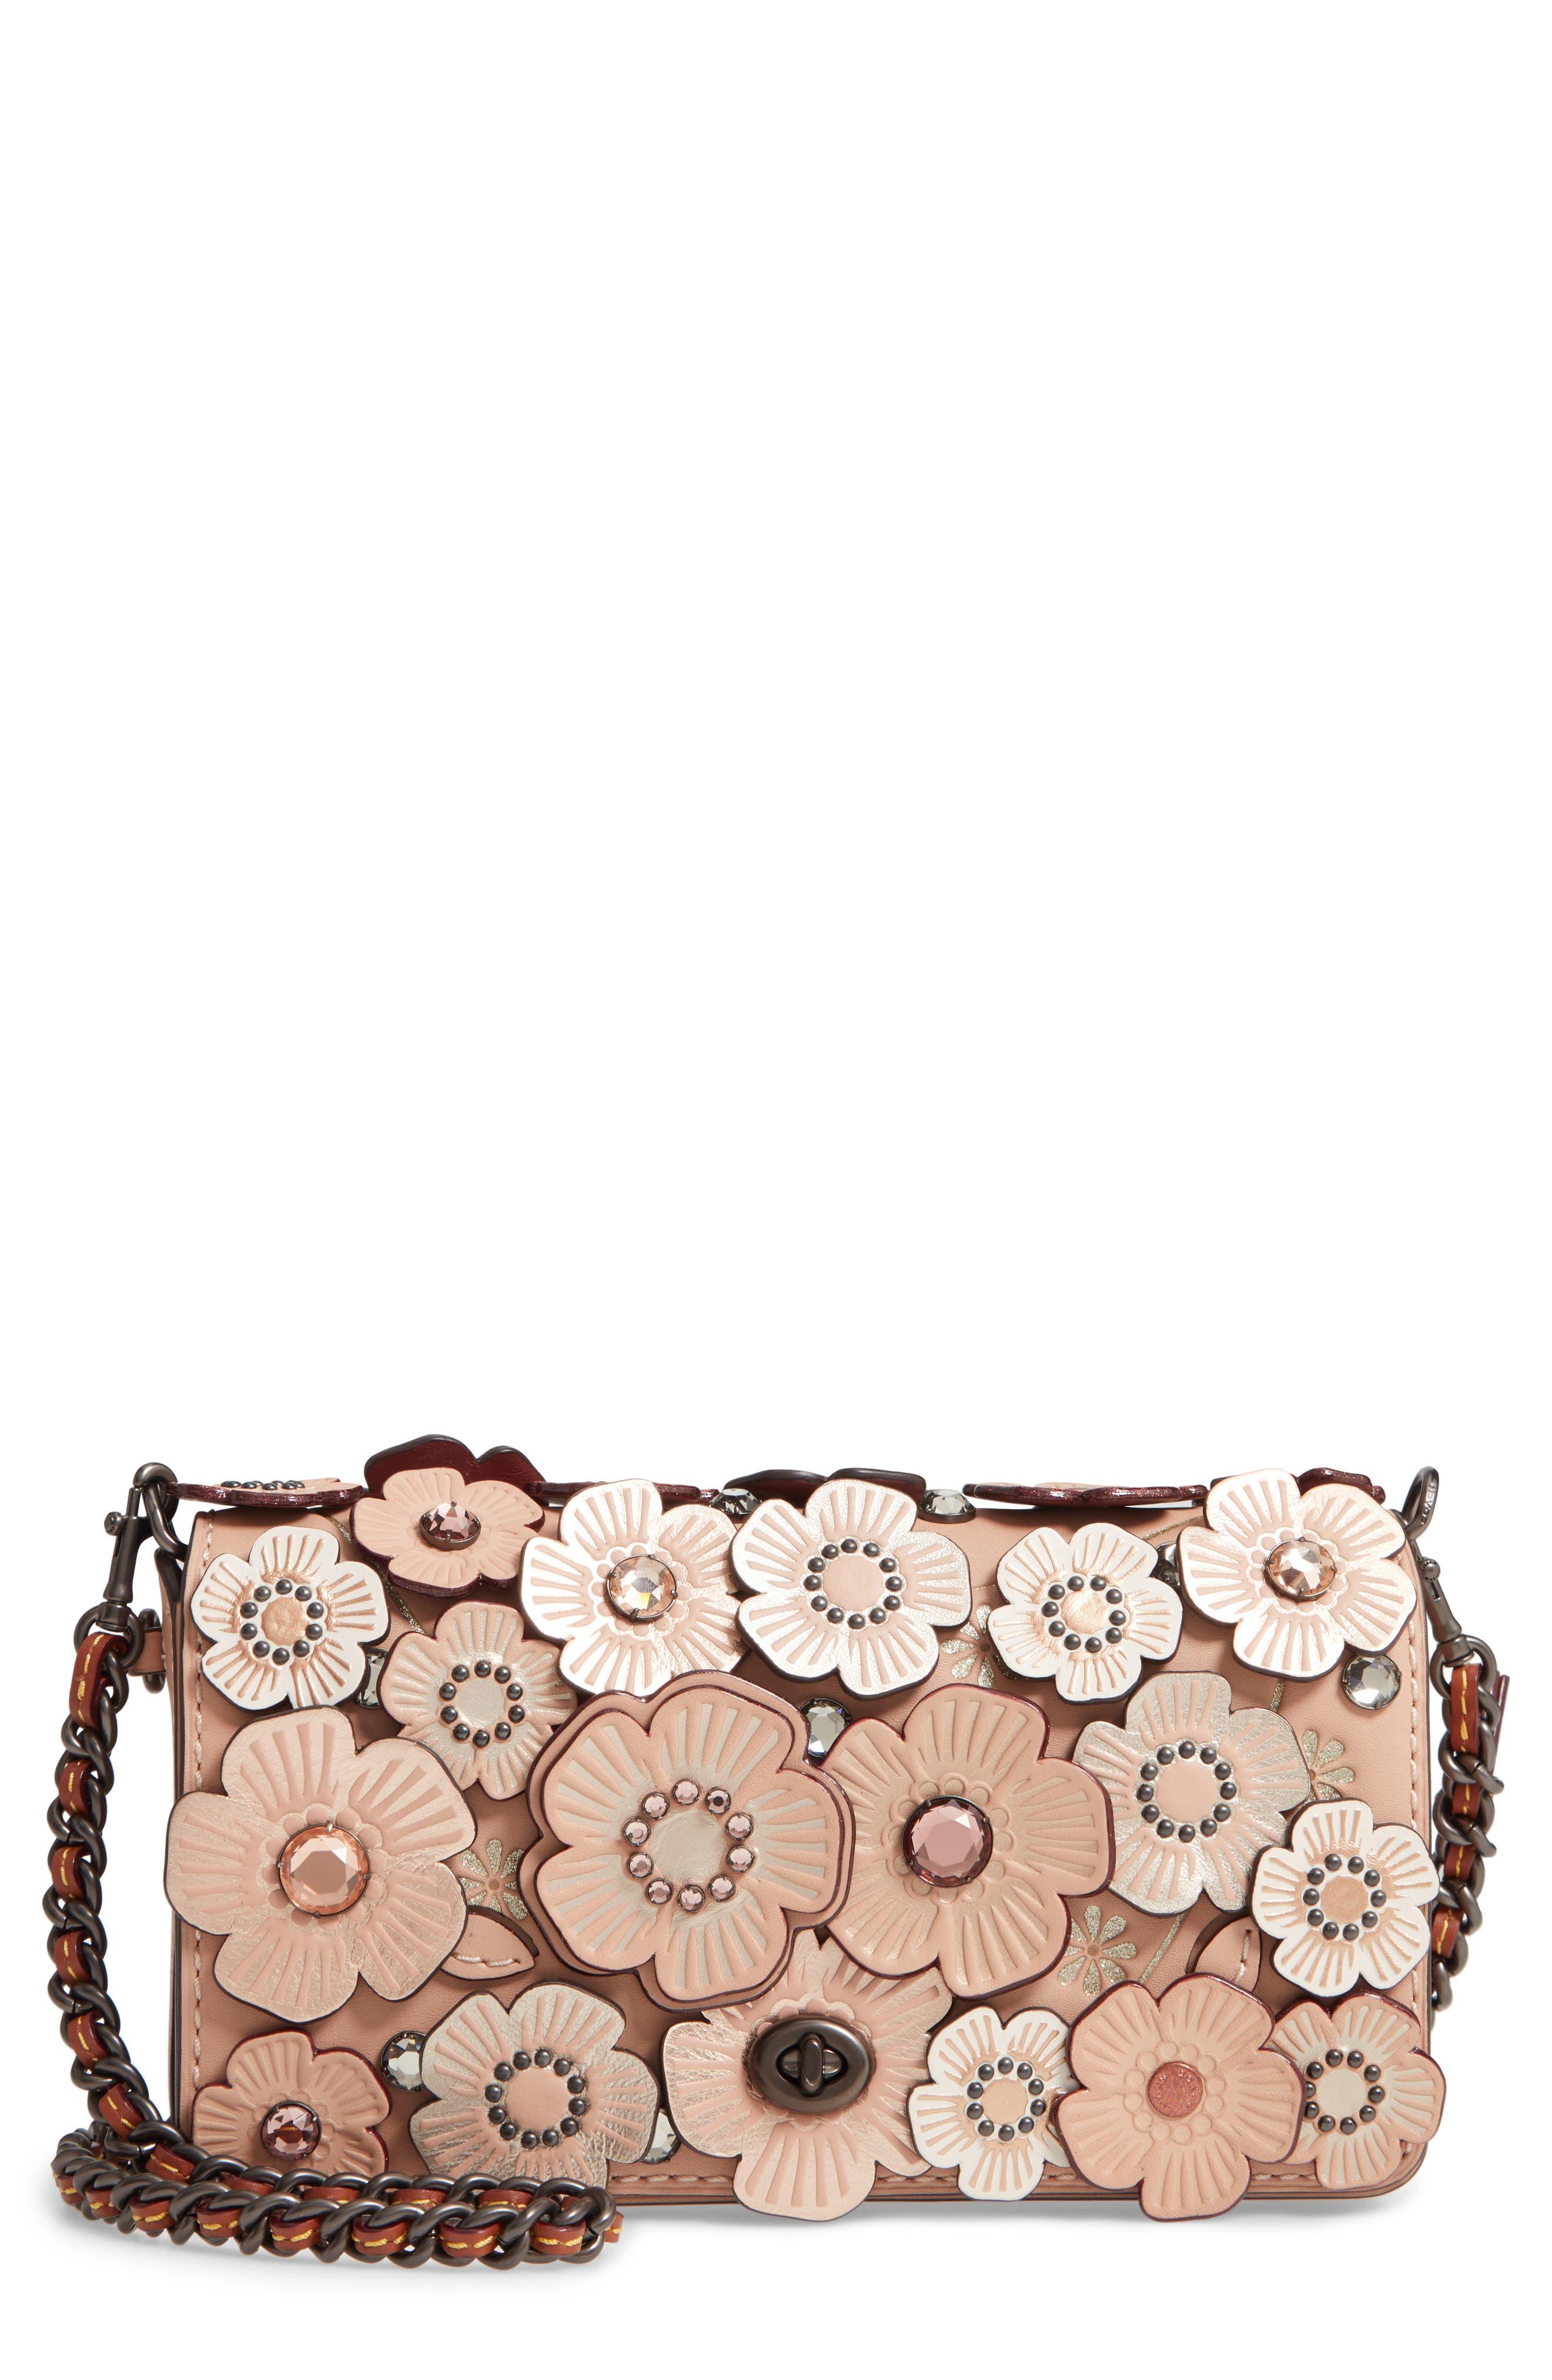 Dinky Crystal Tea Rose Appliqué Leather Crossbody Bag, Main, color, 203